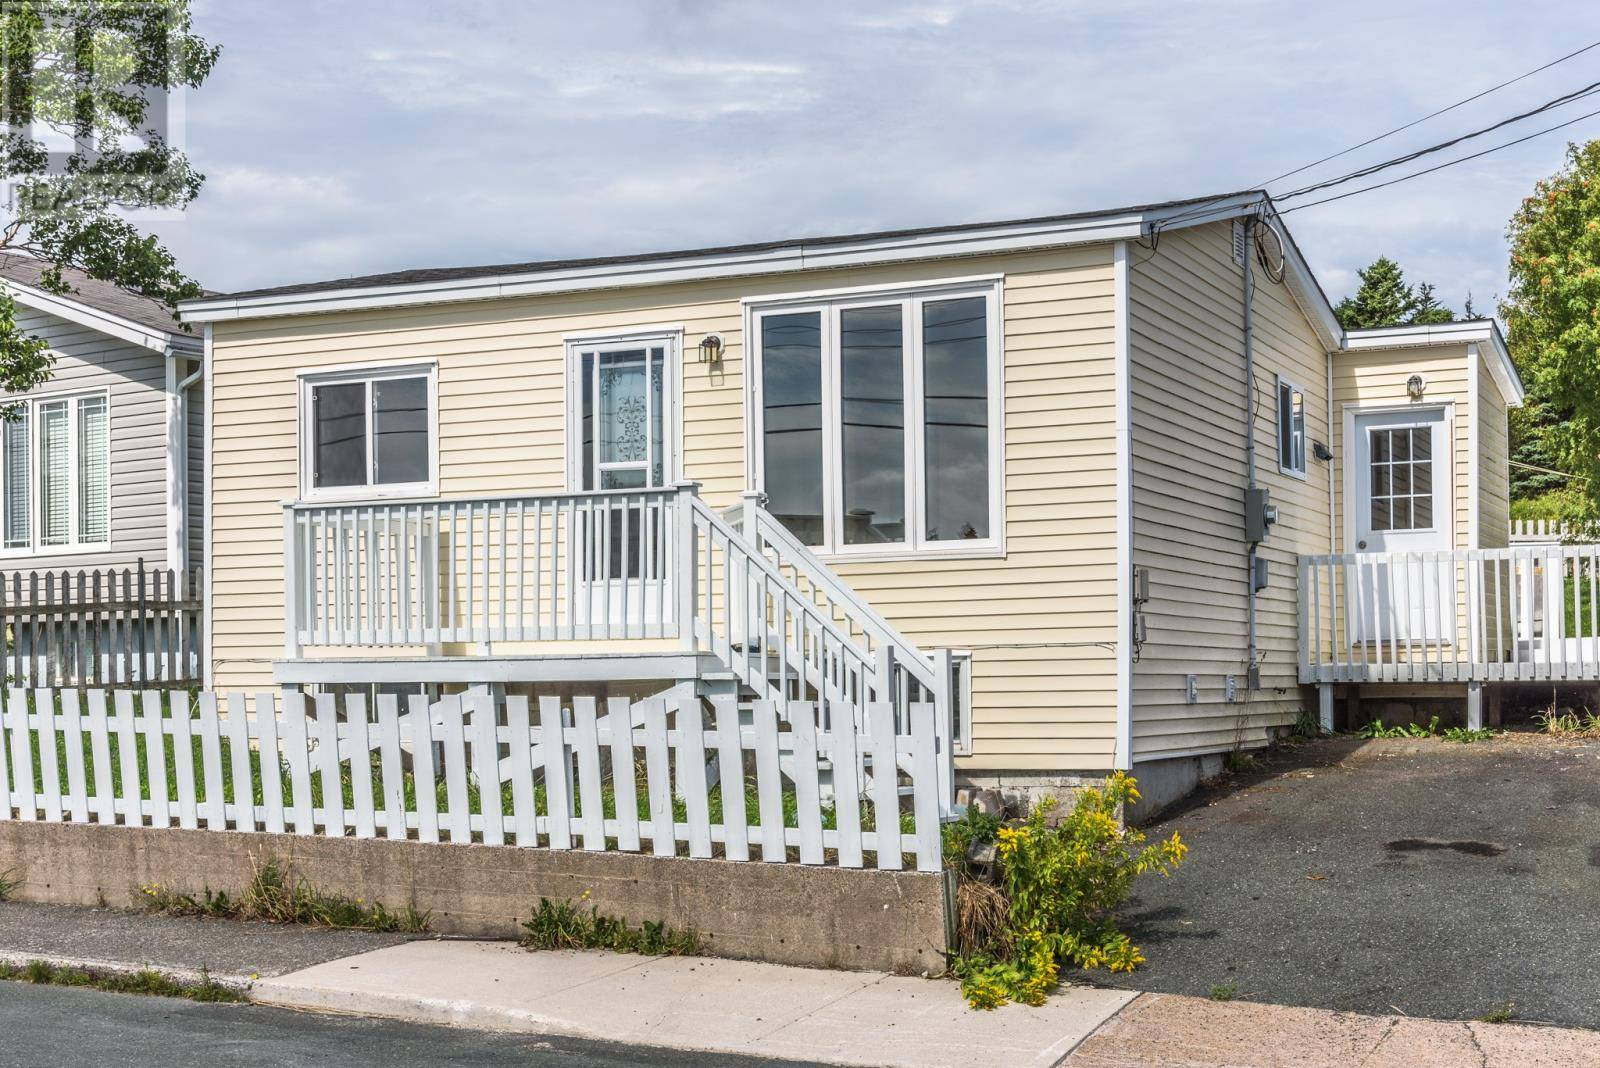 House for sale at 6 Jensen Camp Pl St. John's Newfoundland - MLS: 1202532